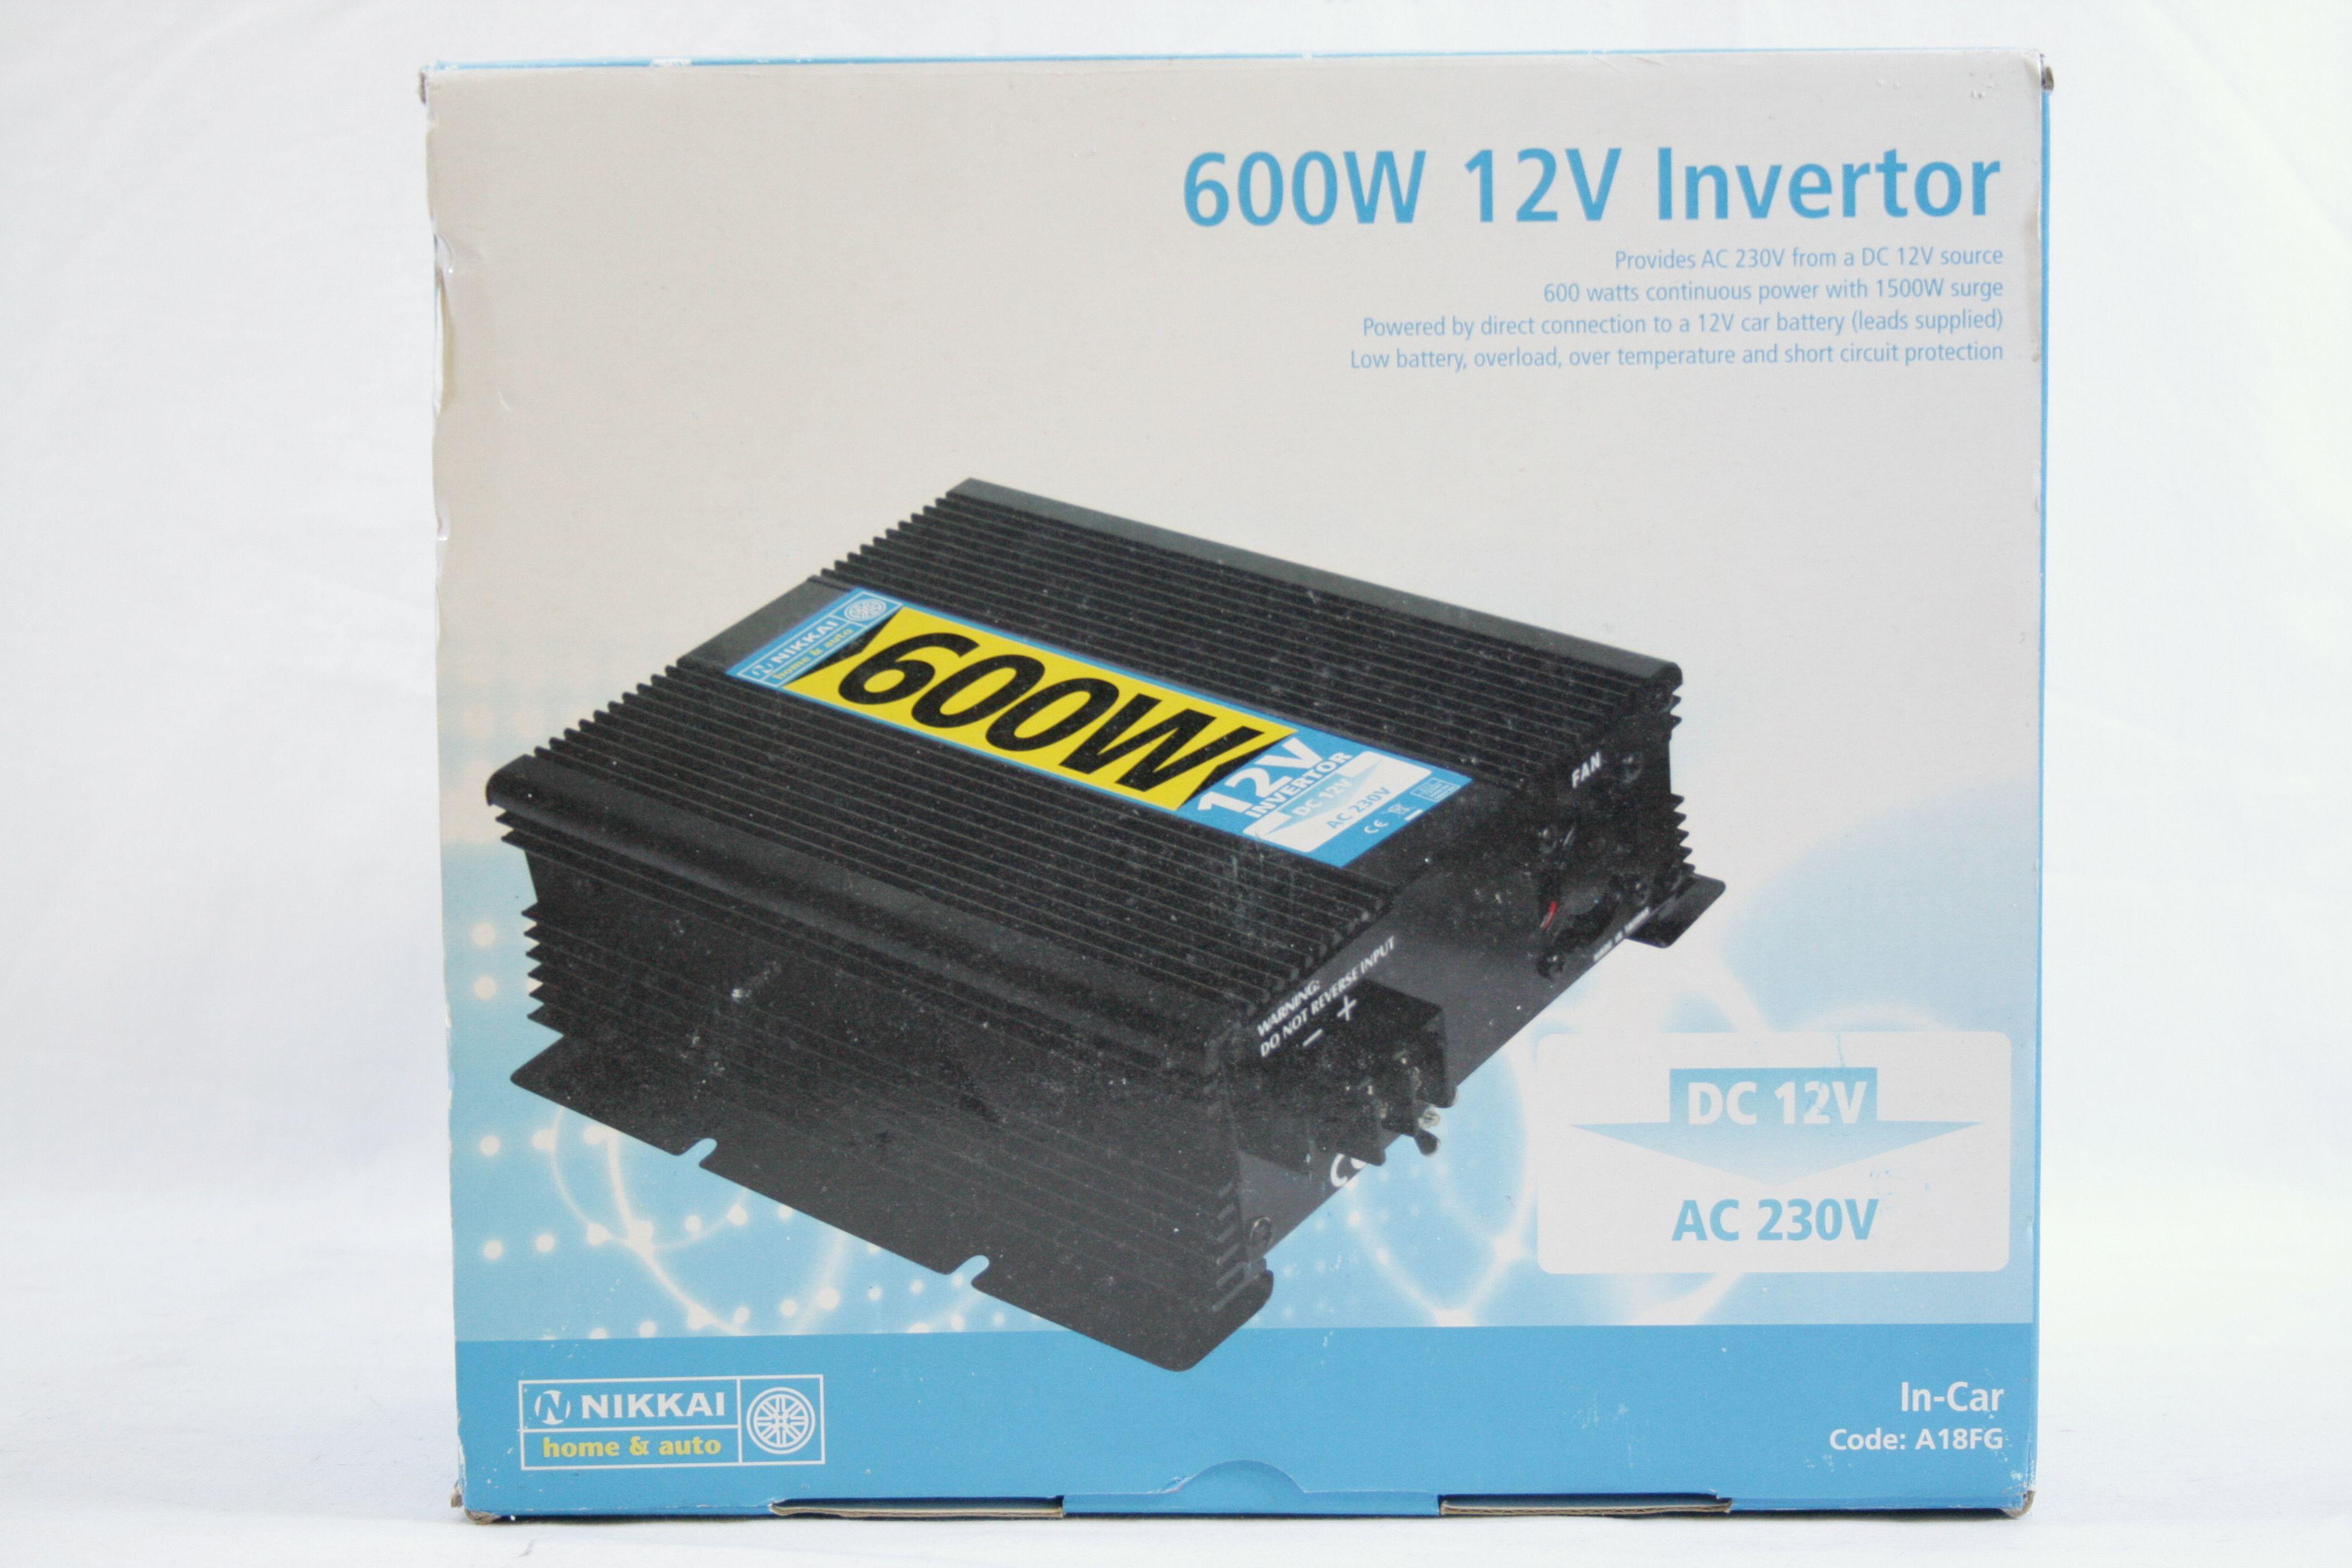 Nikkai 800w inverter repair report | mosfet | transistor.